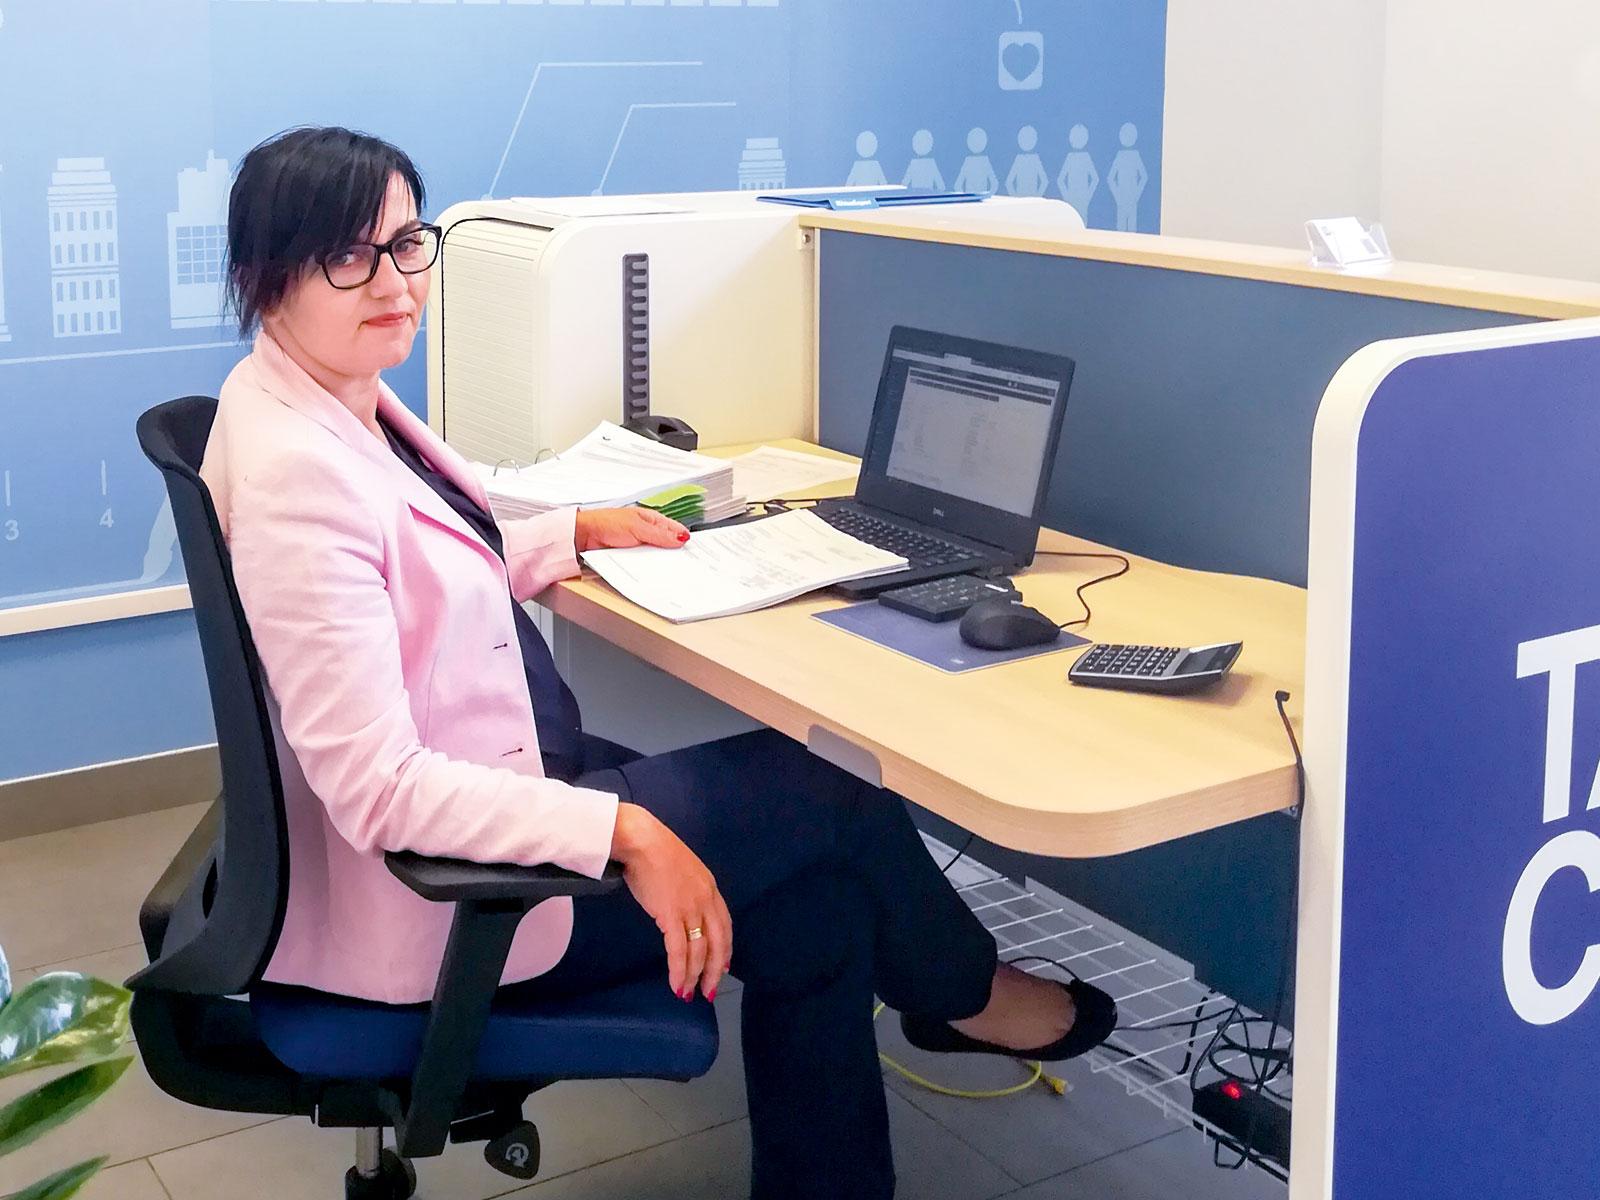 Monika Gąsiorowska, franczyzobiorczyni Tax Care